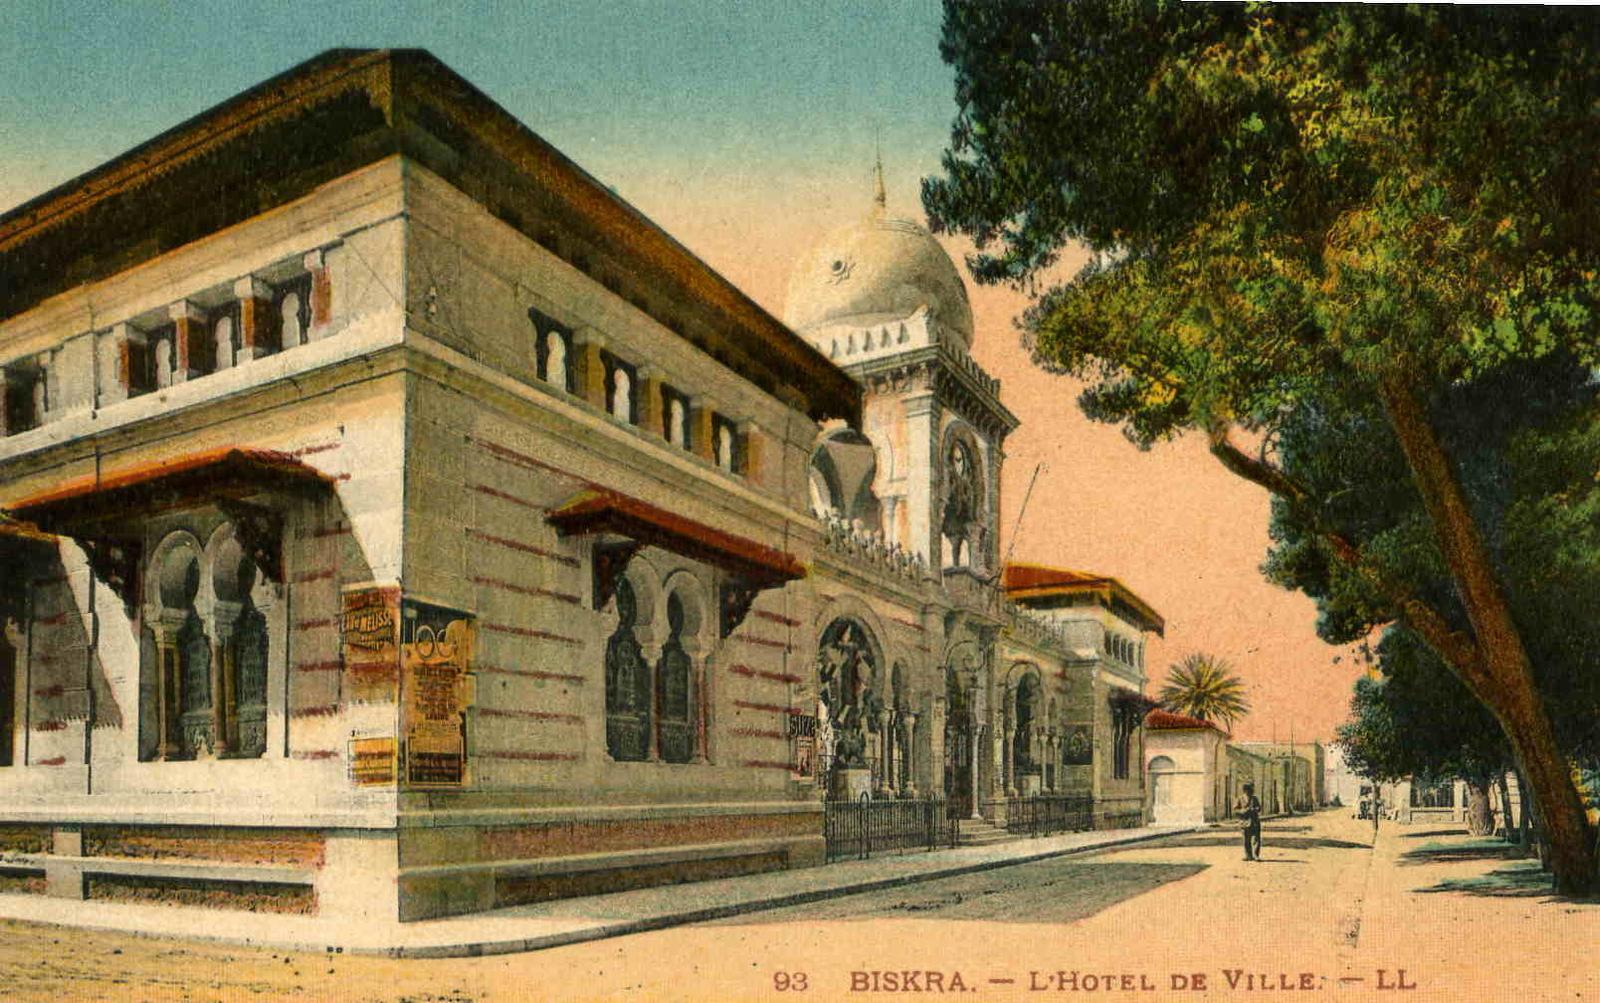 Biskra - L'Hotel de ville